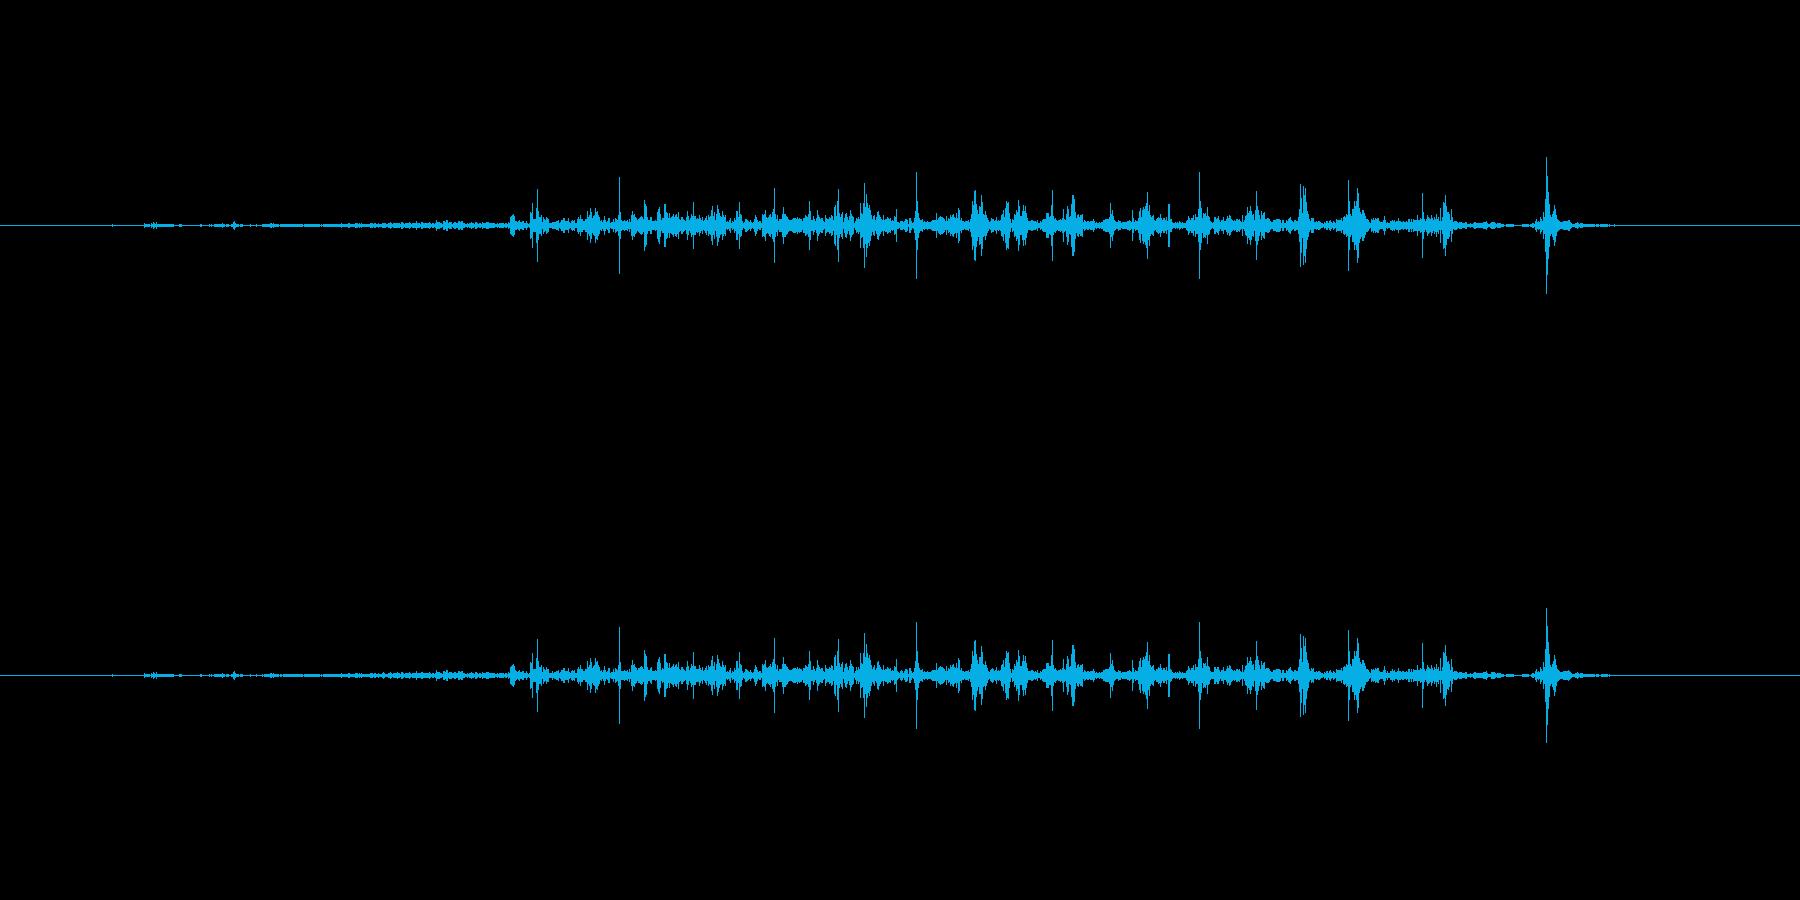 【本01-4(パラパラ)】の再生済みの波形